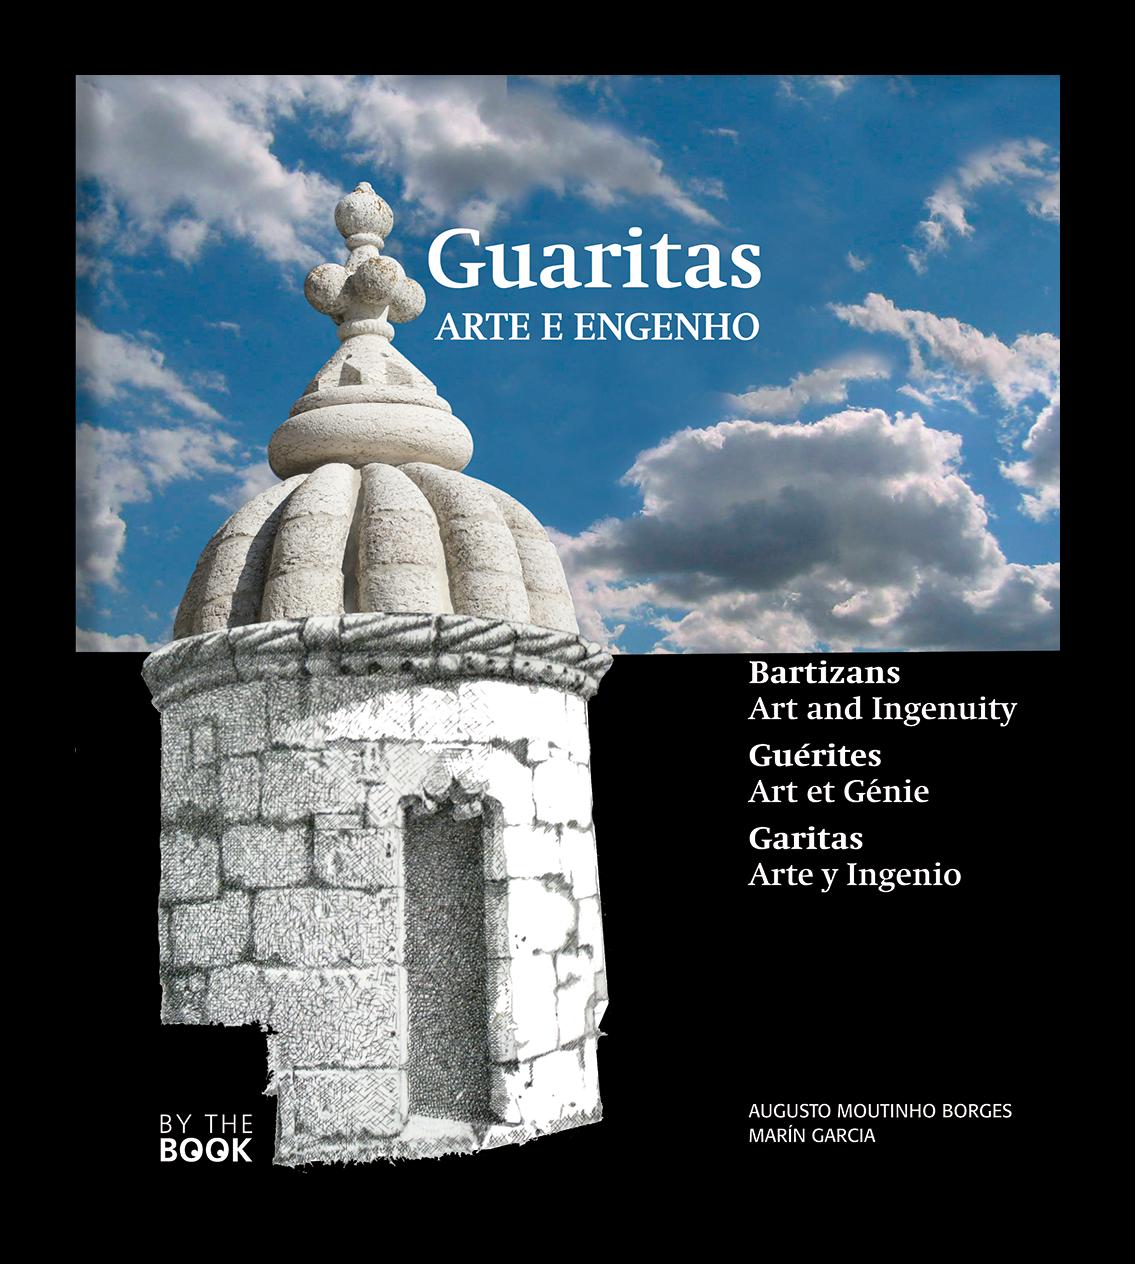 Guaritas